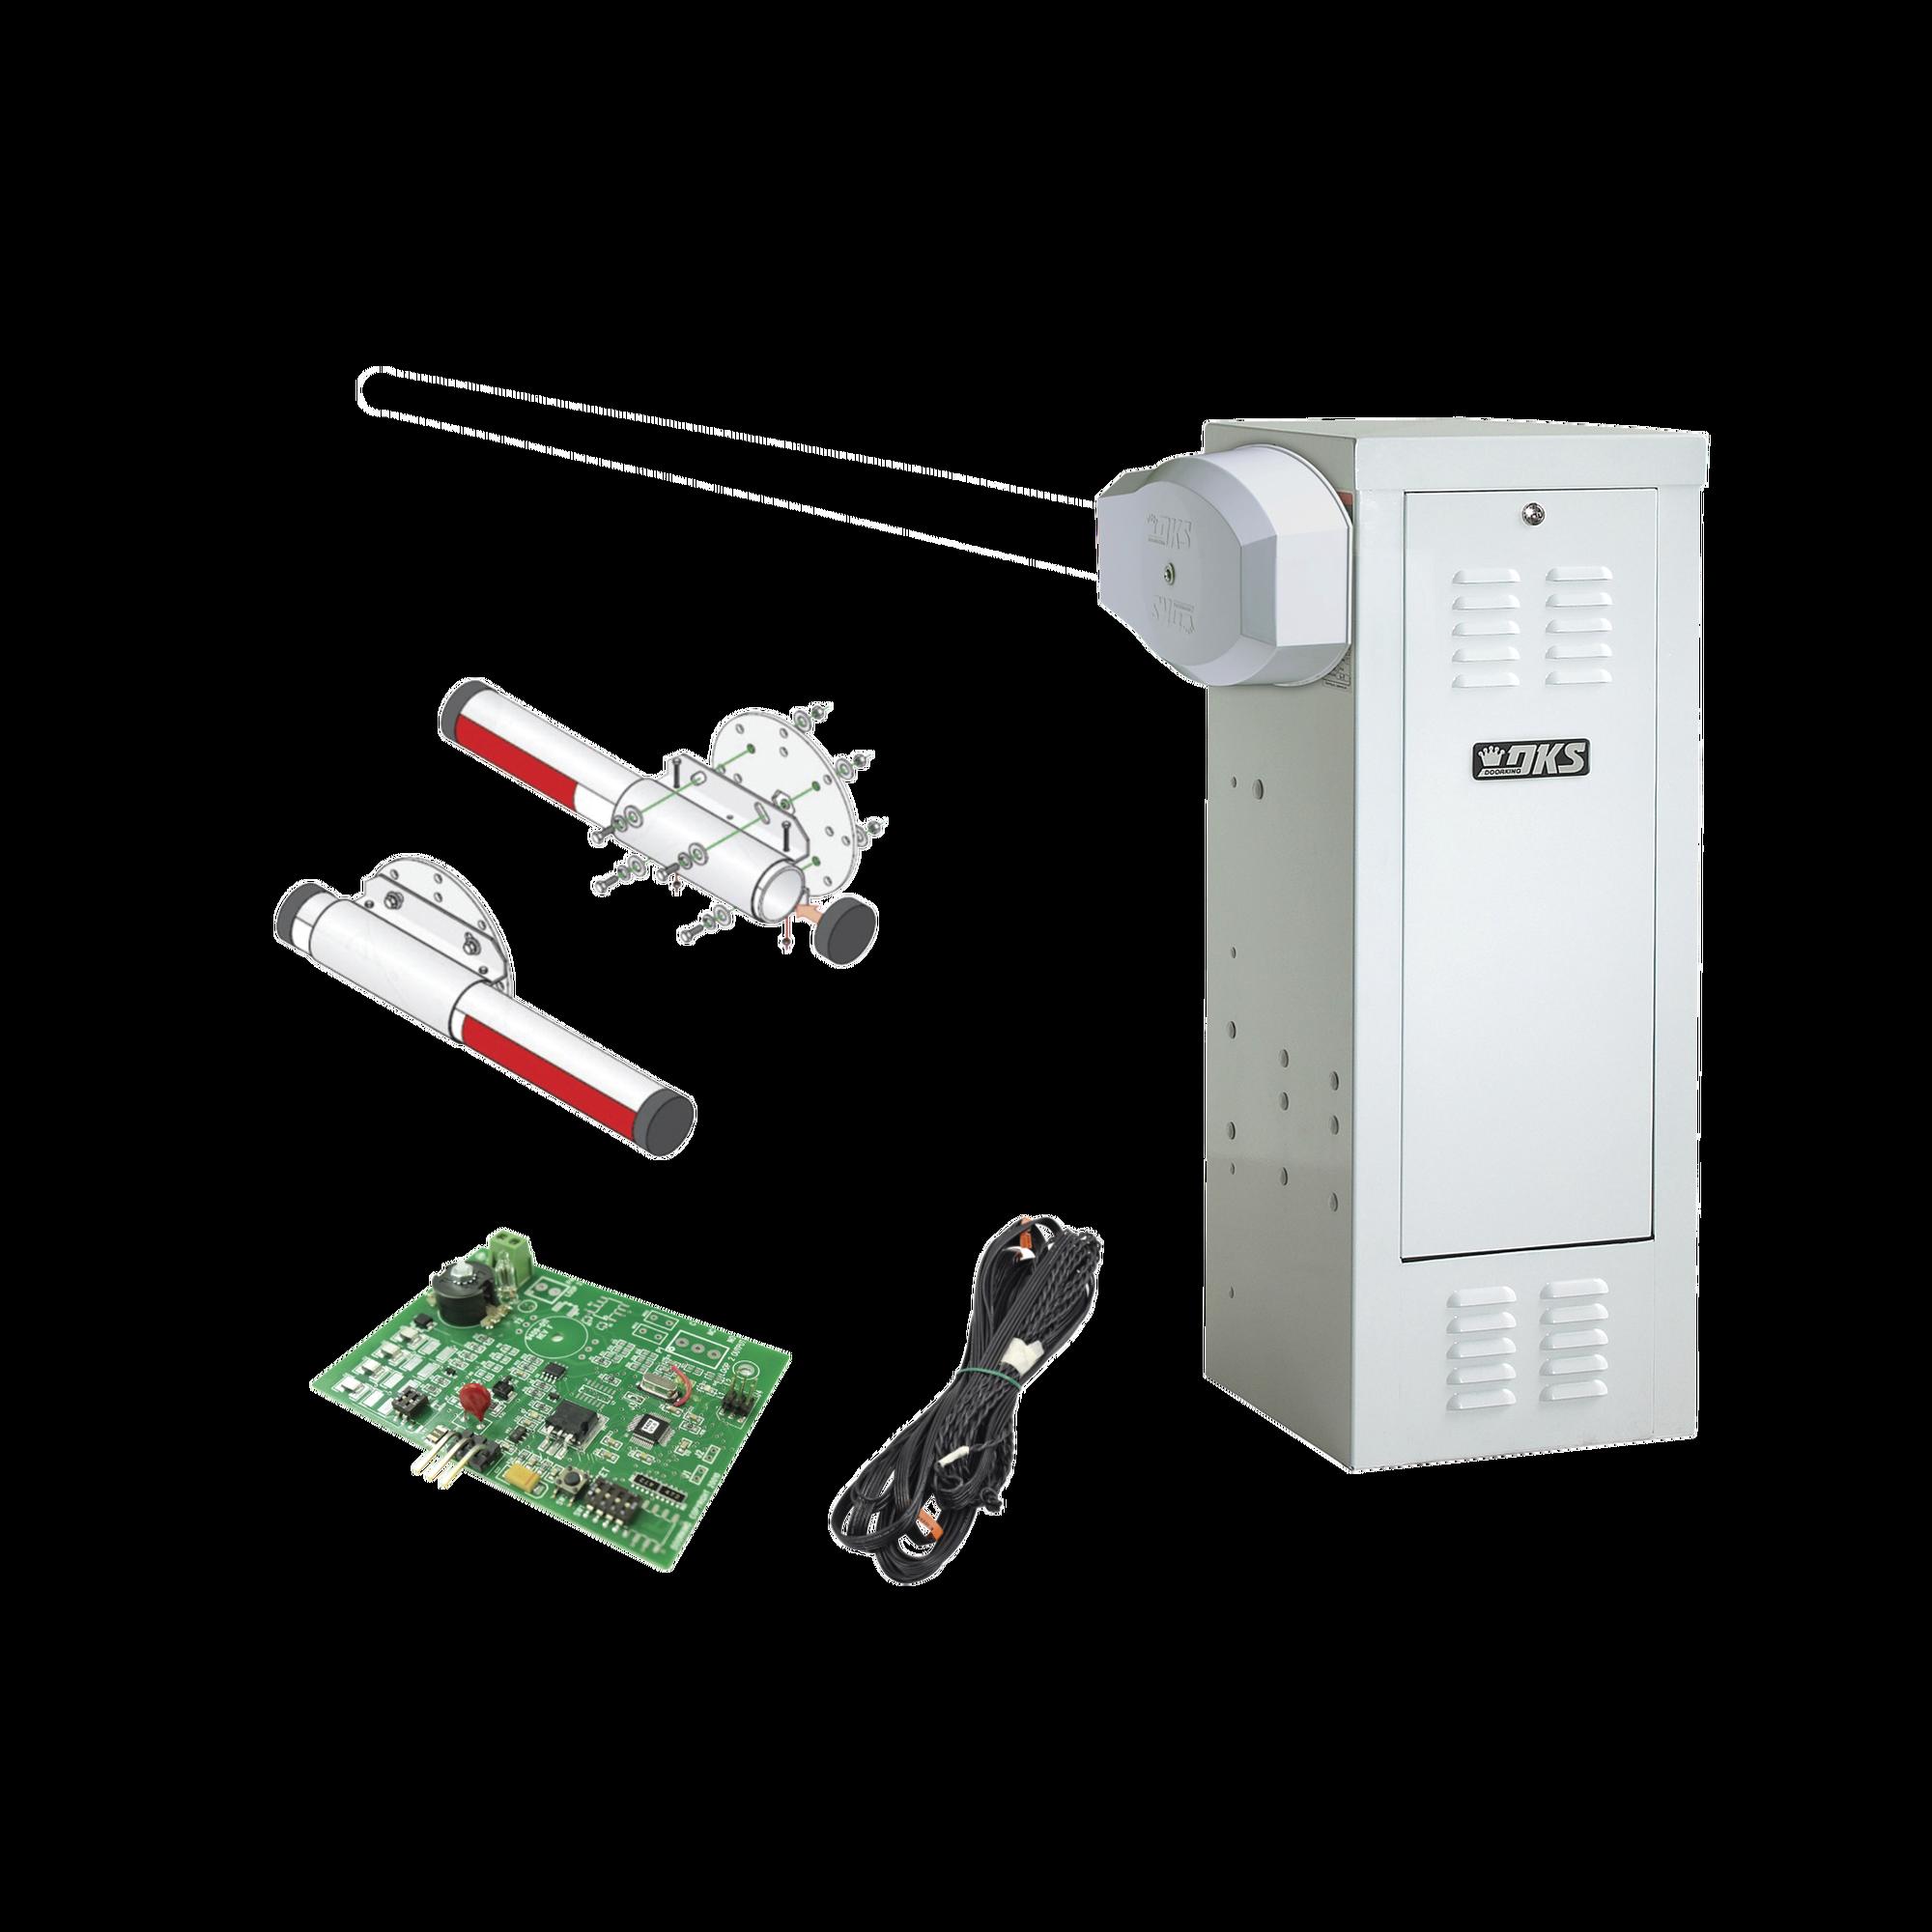 Kit Barrera 1601 Blanca / Mástil de aluminio 4 metros/Incluye: sensor de masa y loop.